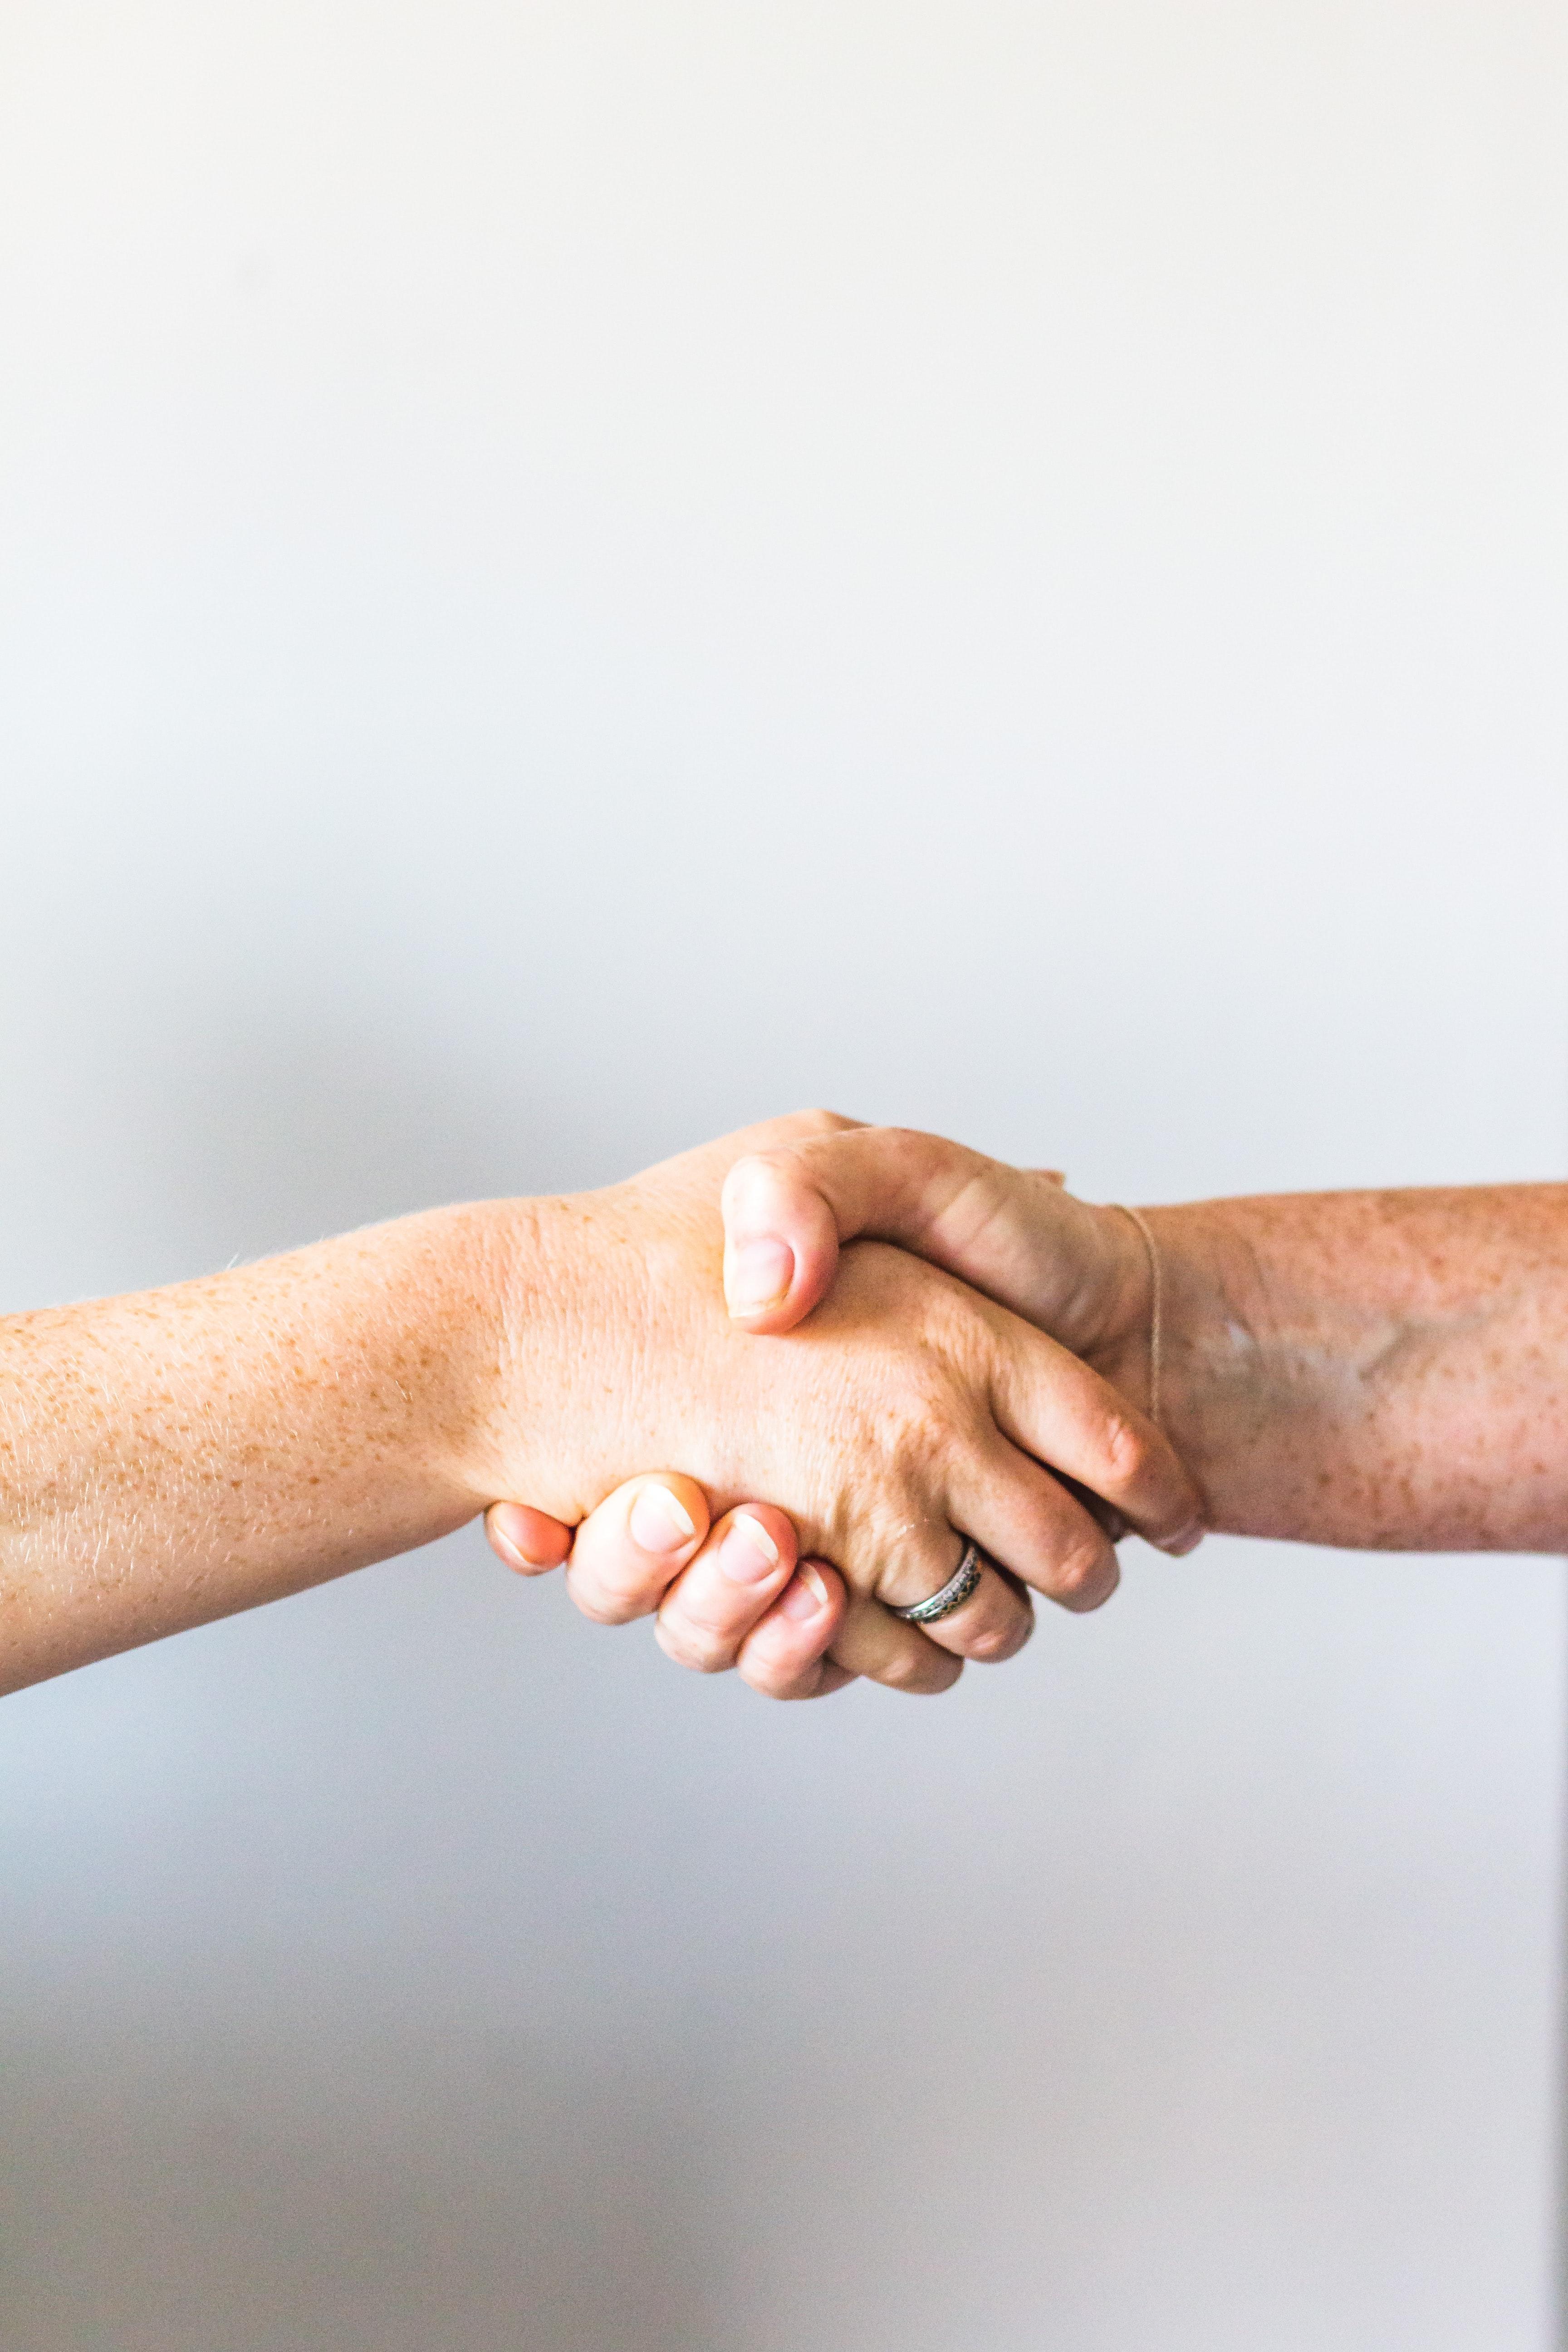 Mallinckrodt's CEO Announces Tentative Opioid Settlement